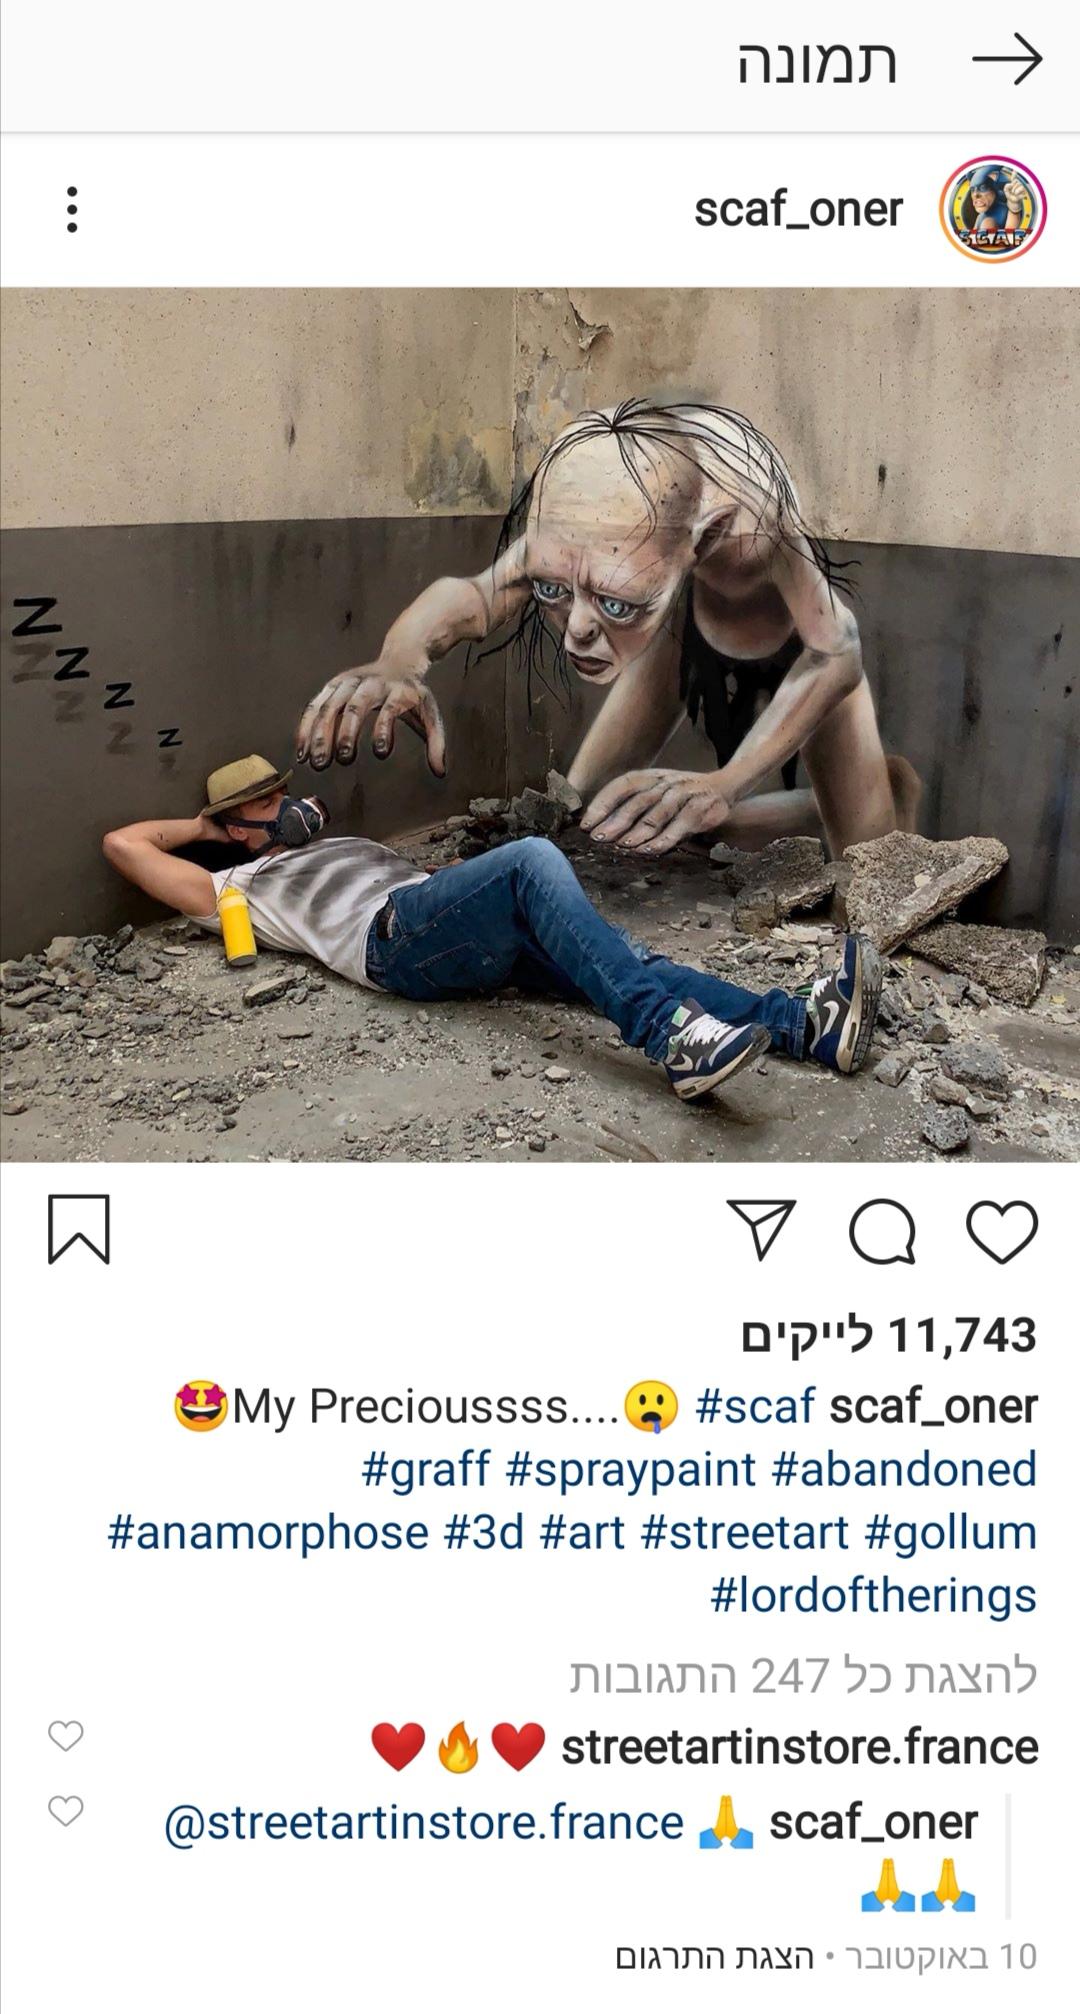 אמן גרפיטי מצלם את עצמו כחלק מיצירתו וזה מצחיק